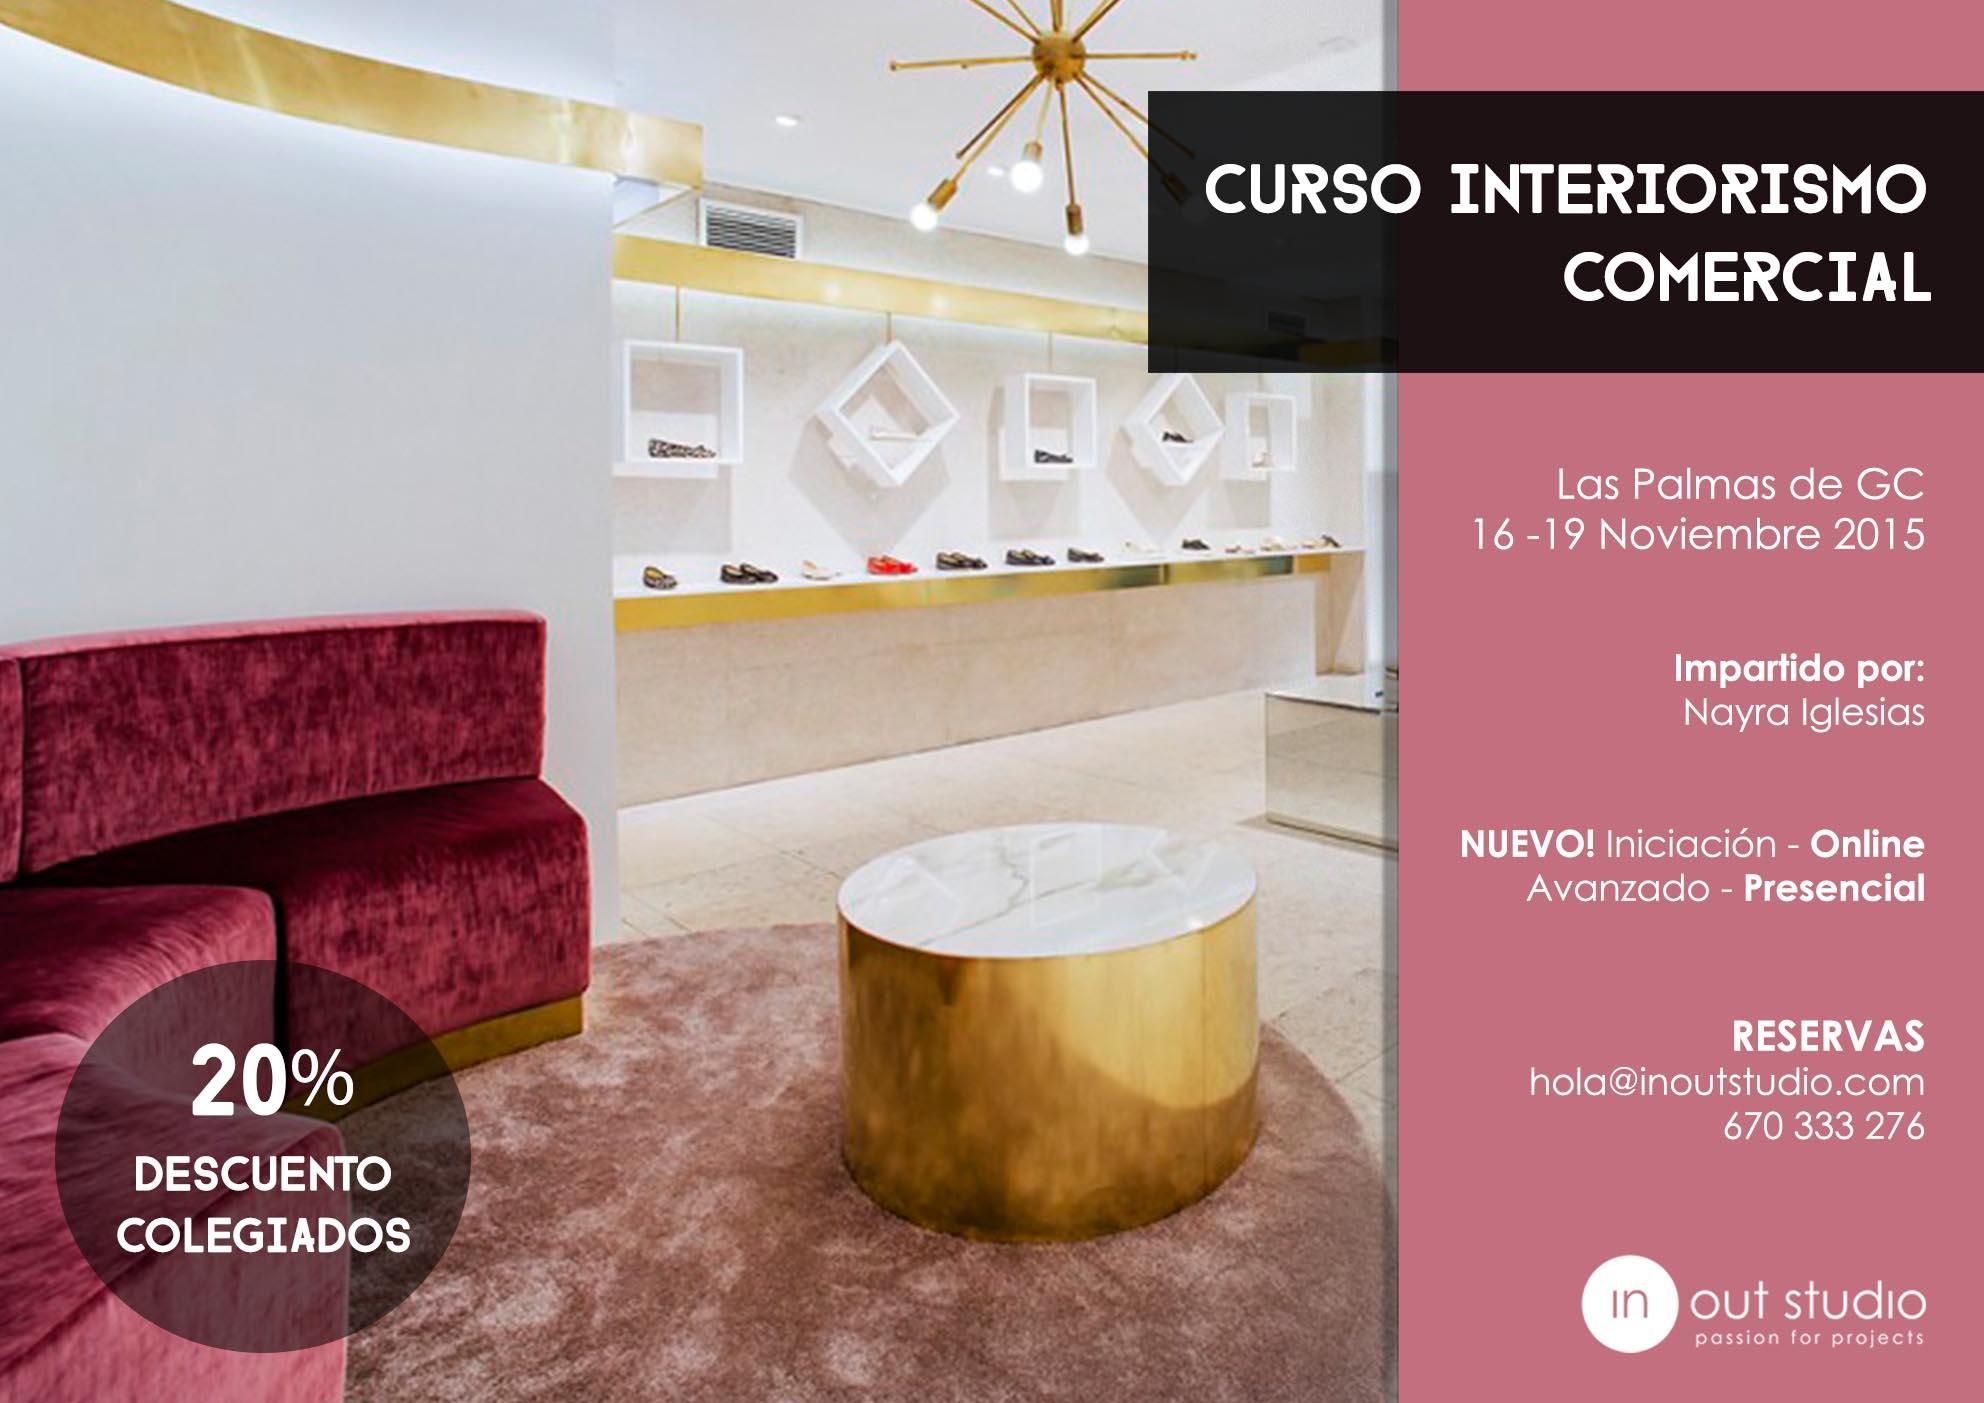 Curso de interiorismo comercial eventos for Curso de interiorismo